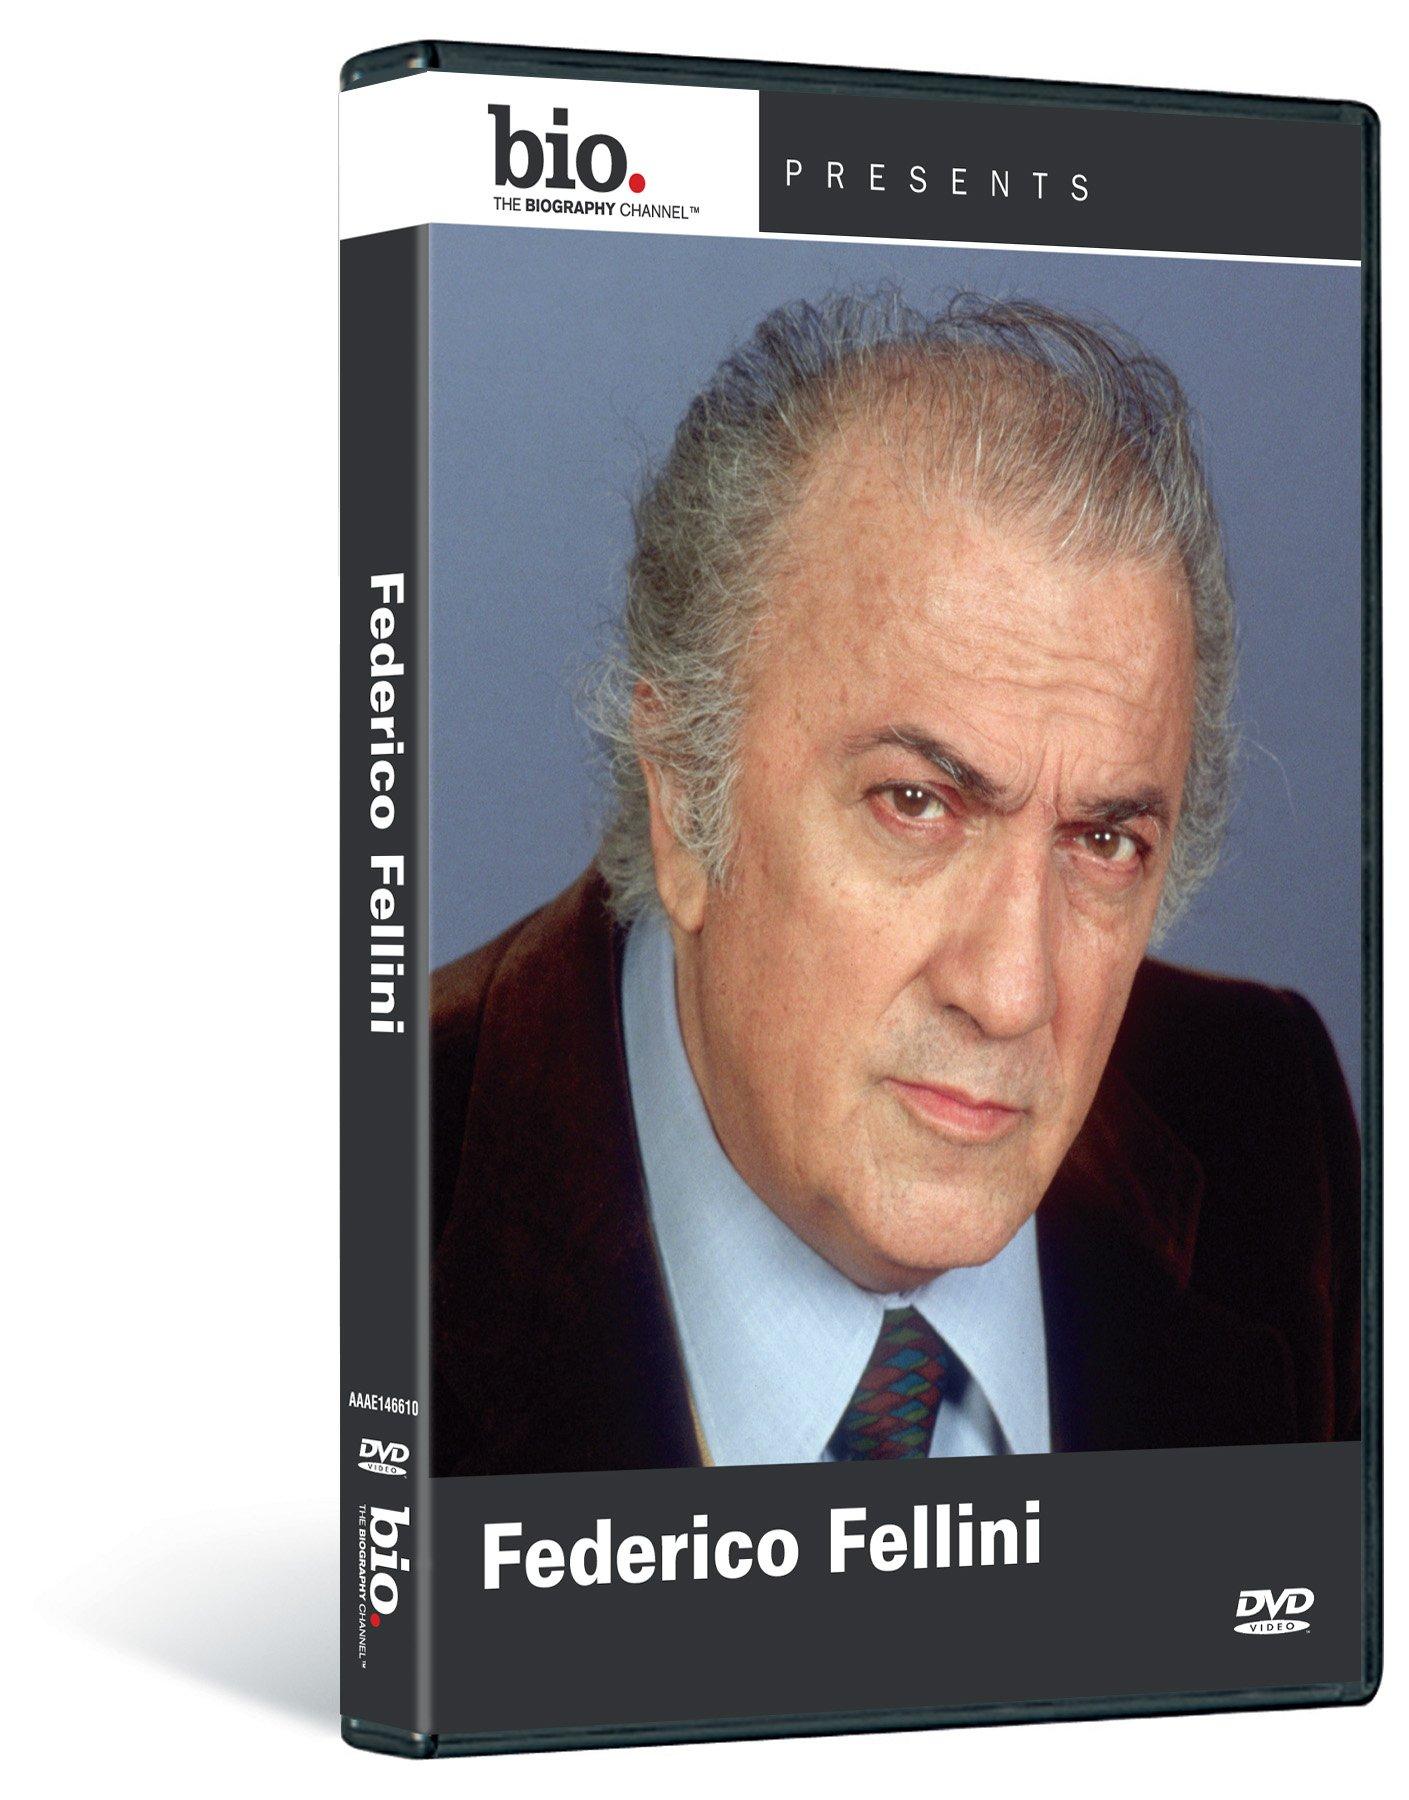 Biography: Federico Fellini